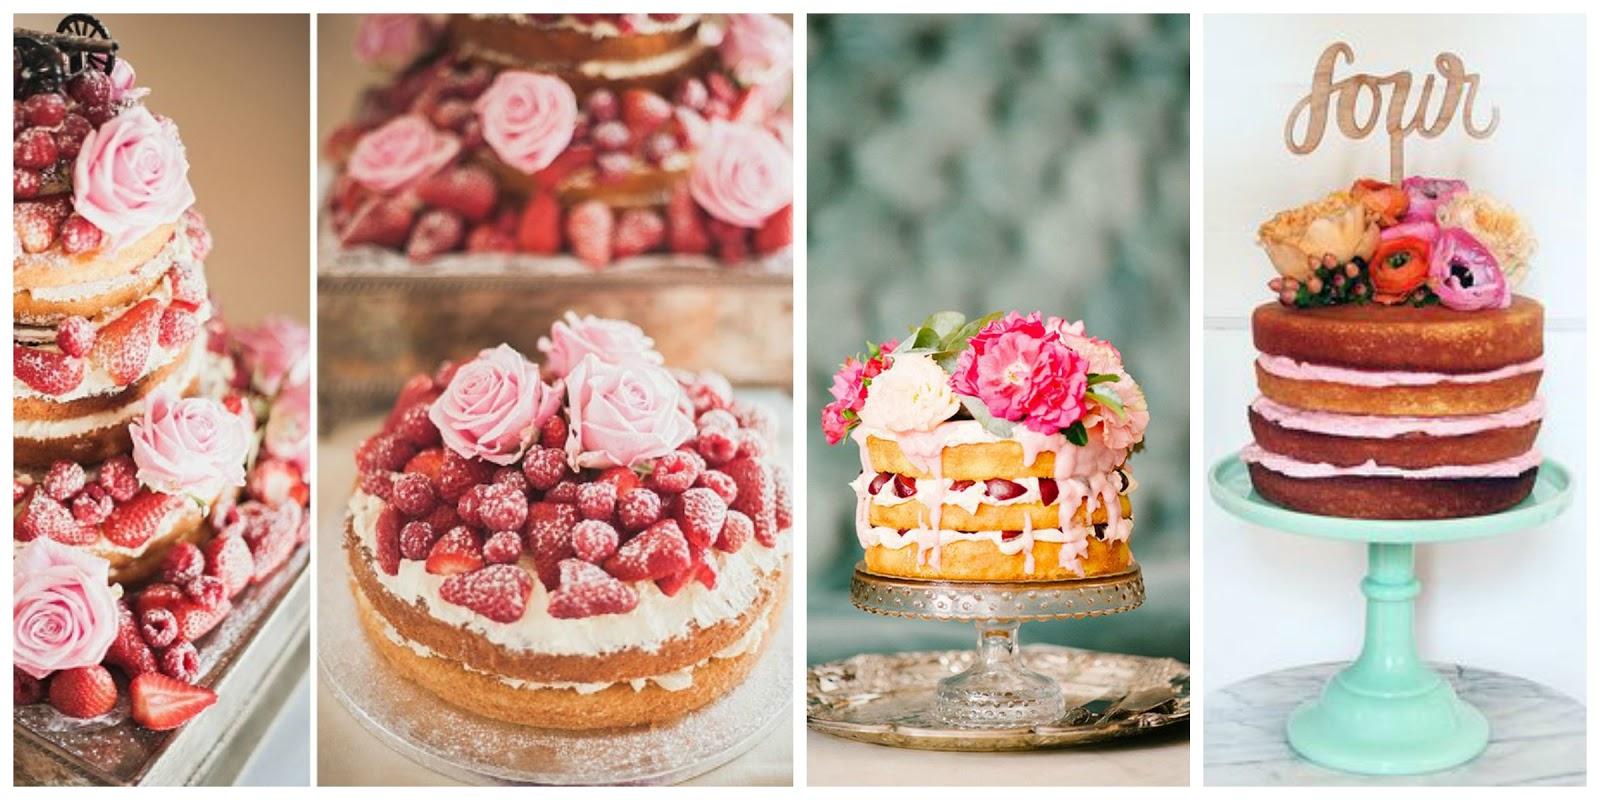 Idee Per Decorare Una Torta idee facili per decorare torte per matrimoni, cerimonie e